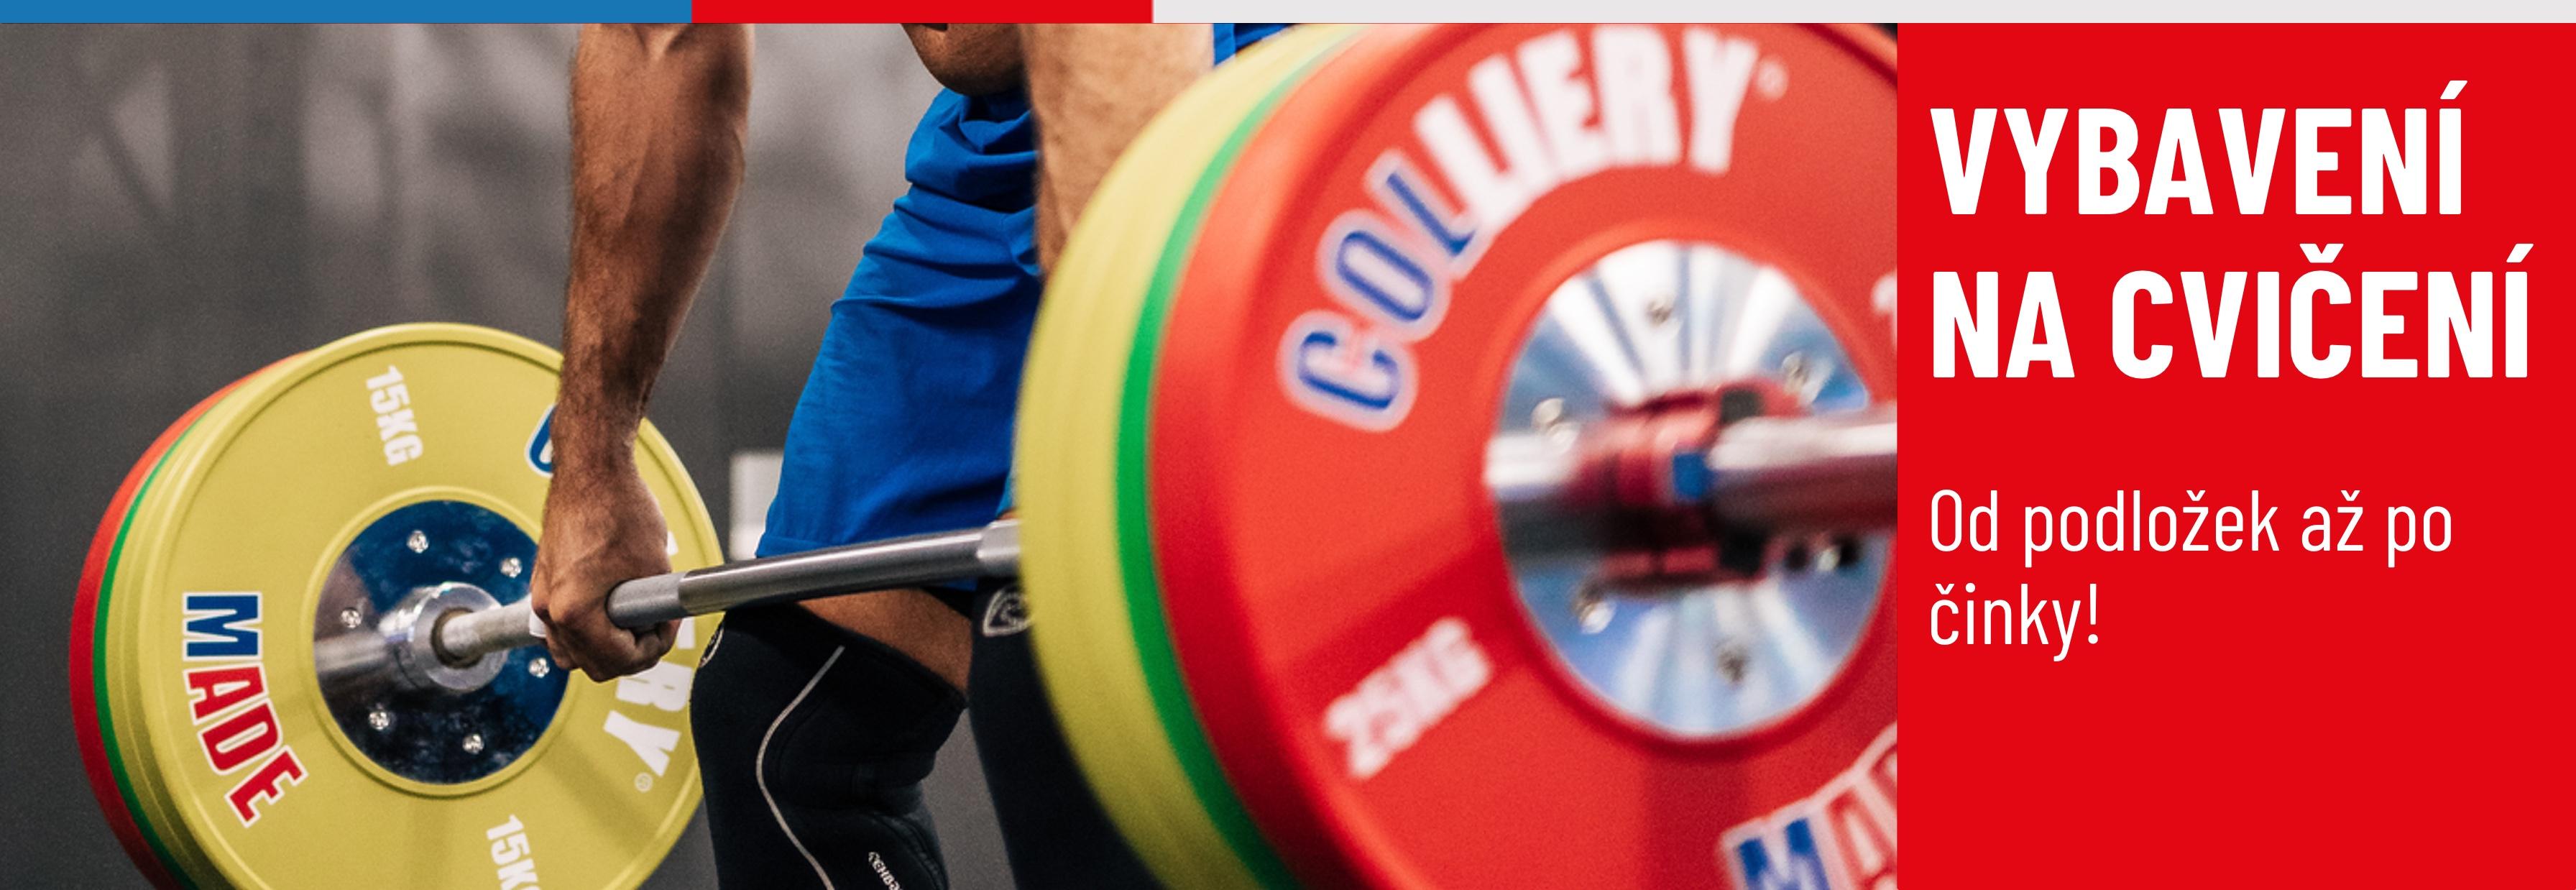 Vybavení na cvičení, činky, ktb, podložky, gymtimer a mnohem více!